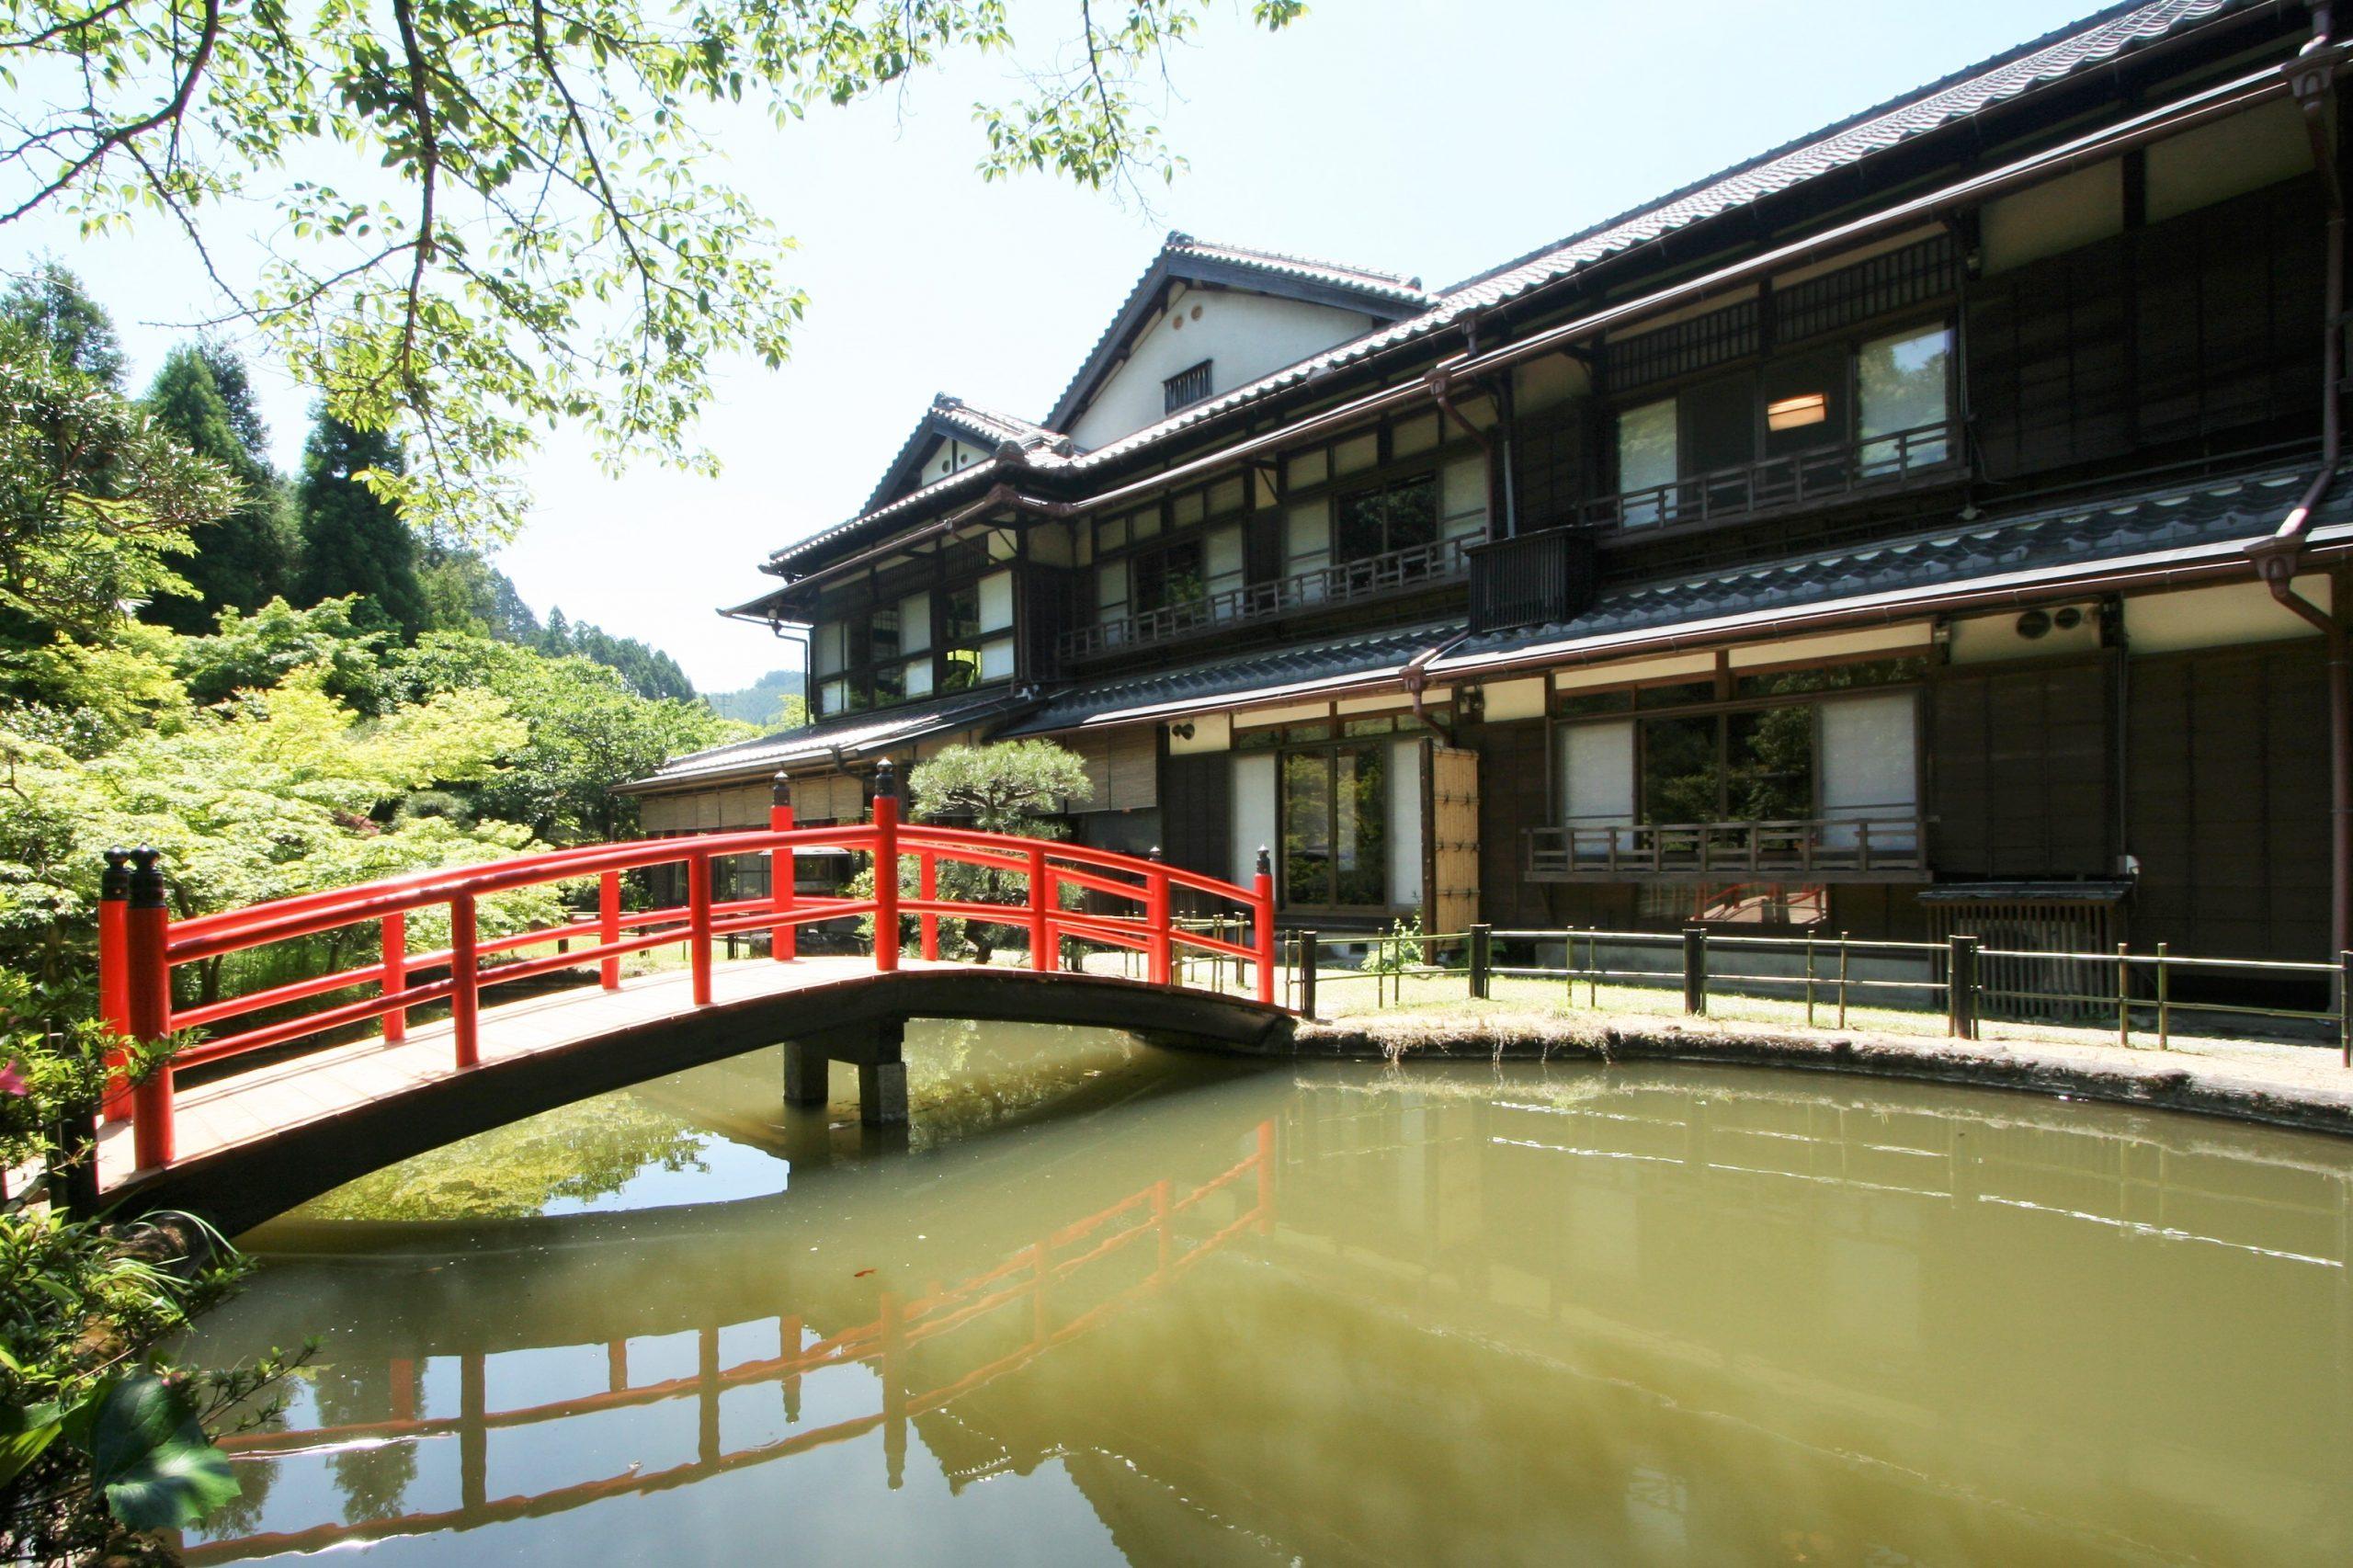 <p>日本庭園から見る本館</p>平成2年に屋根瓦葺き替え及び銅板庇の付け替え工事を行うが、建物は移築当時の姿を良く残している。